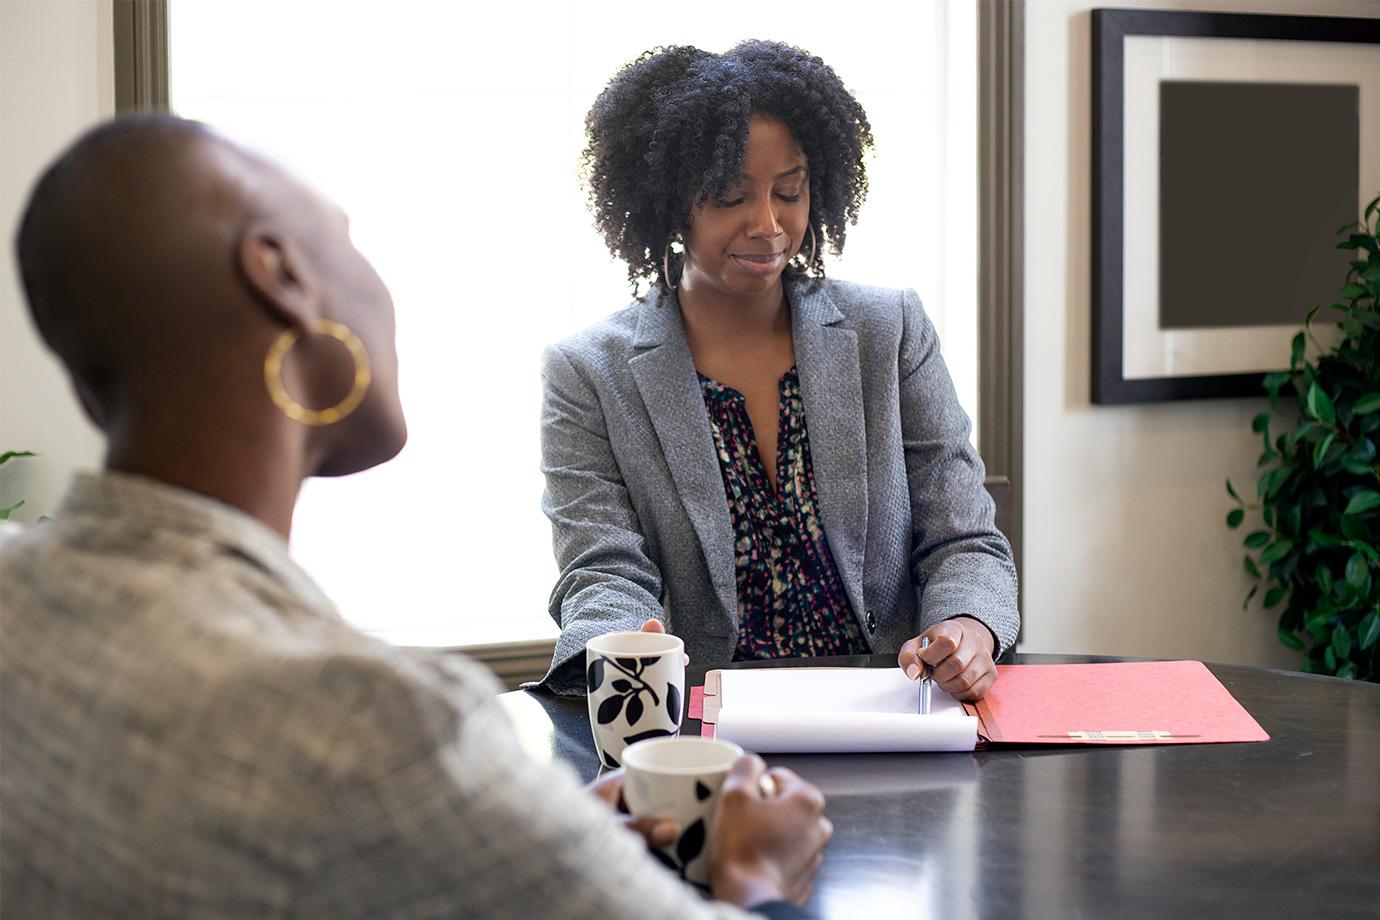 Deux femmes discutant autour d'un bureau